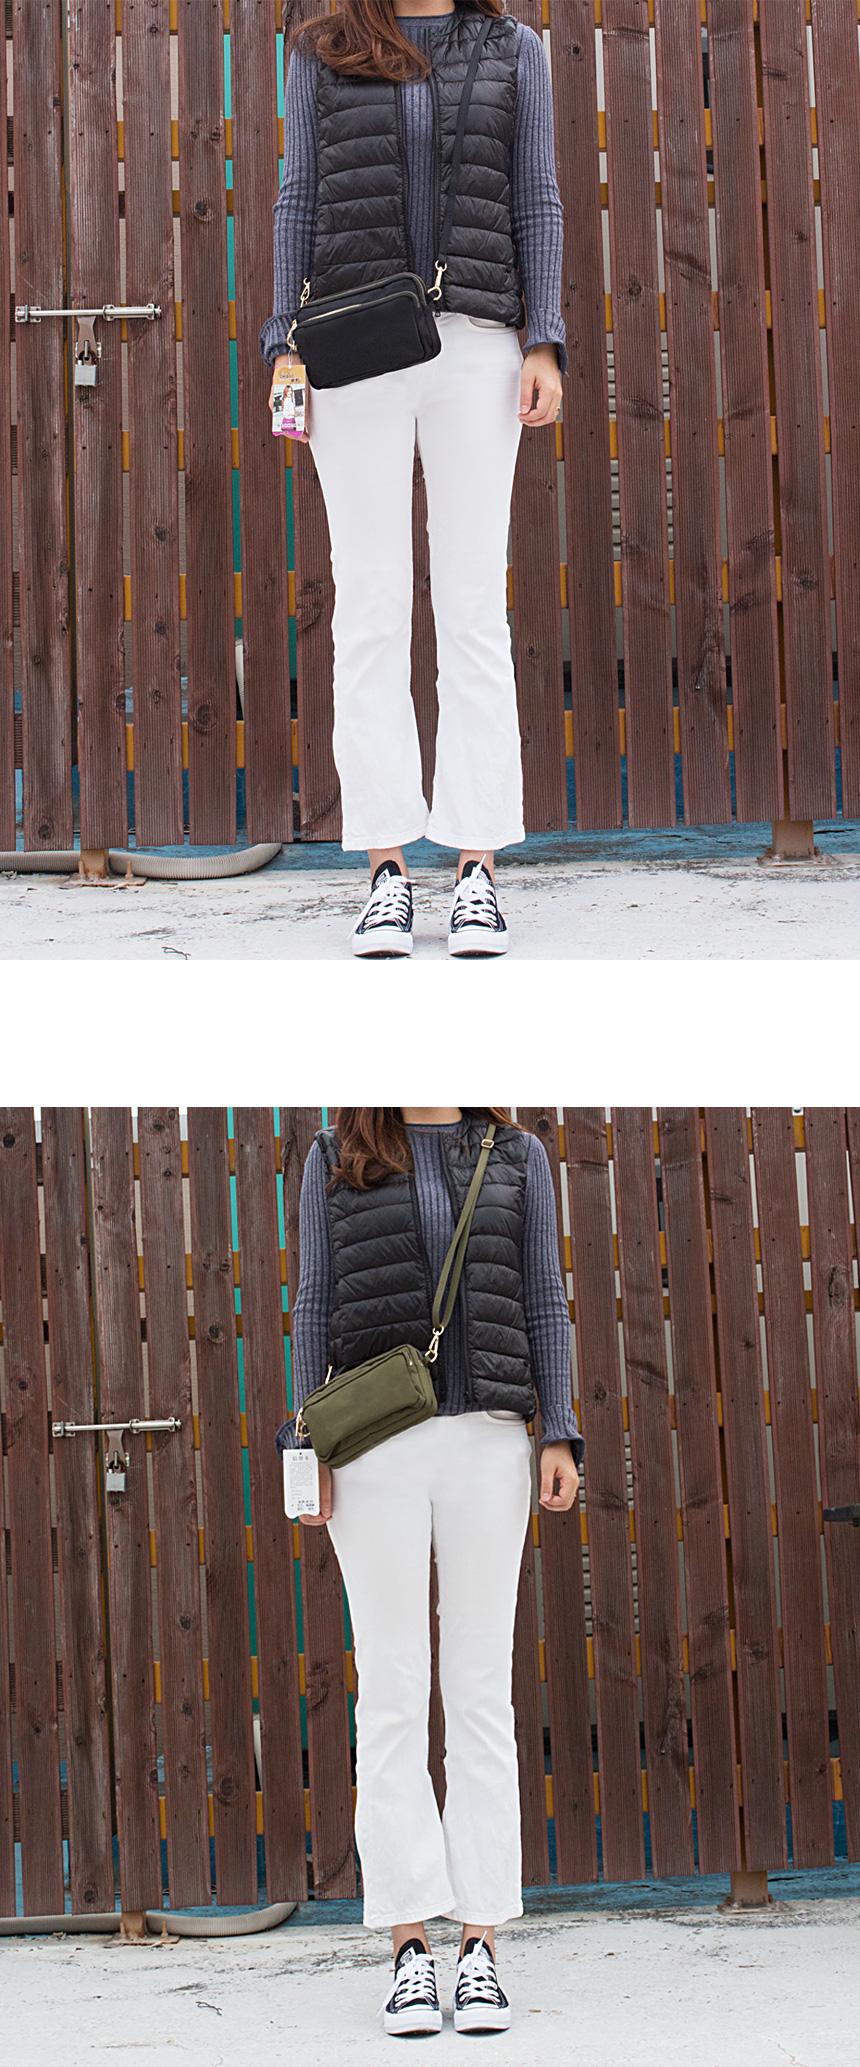 미니 크로스백10,900원-몽트노블패션잡화, 가방, 크로스백, 패브릭크로스백바보사랑미니 크로스백10,900원-몽트노블패션잡화, 가방, 크로스백, 패브릭크로스백바보사랑